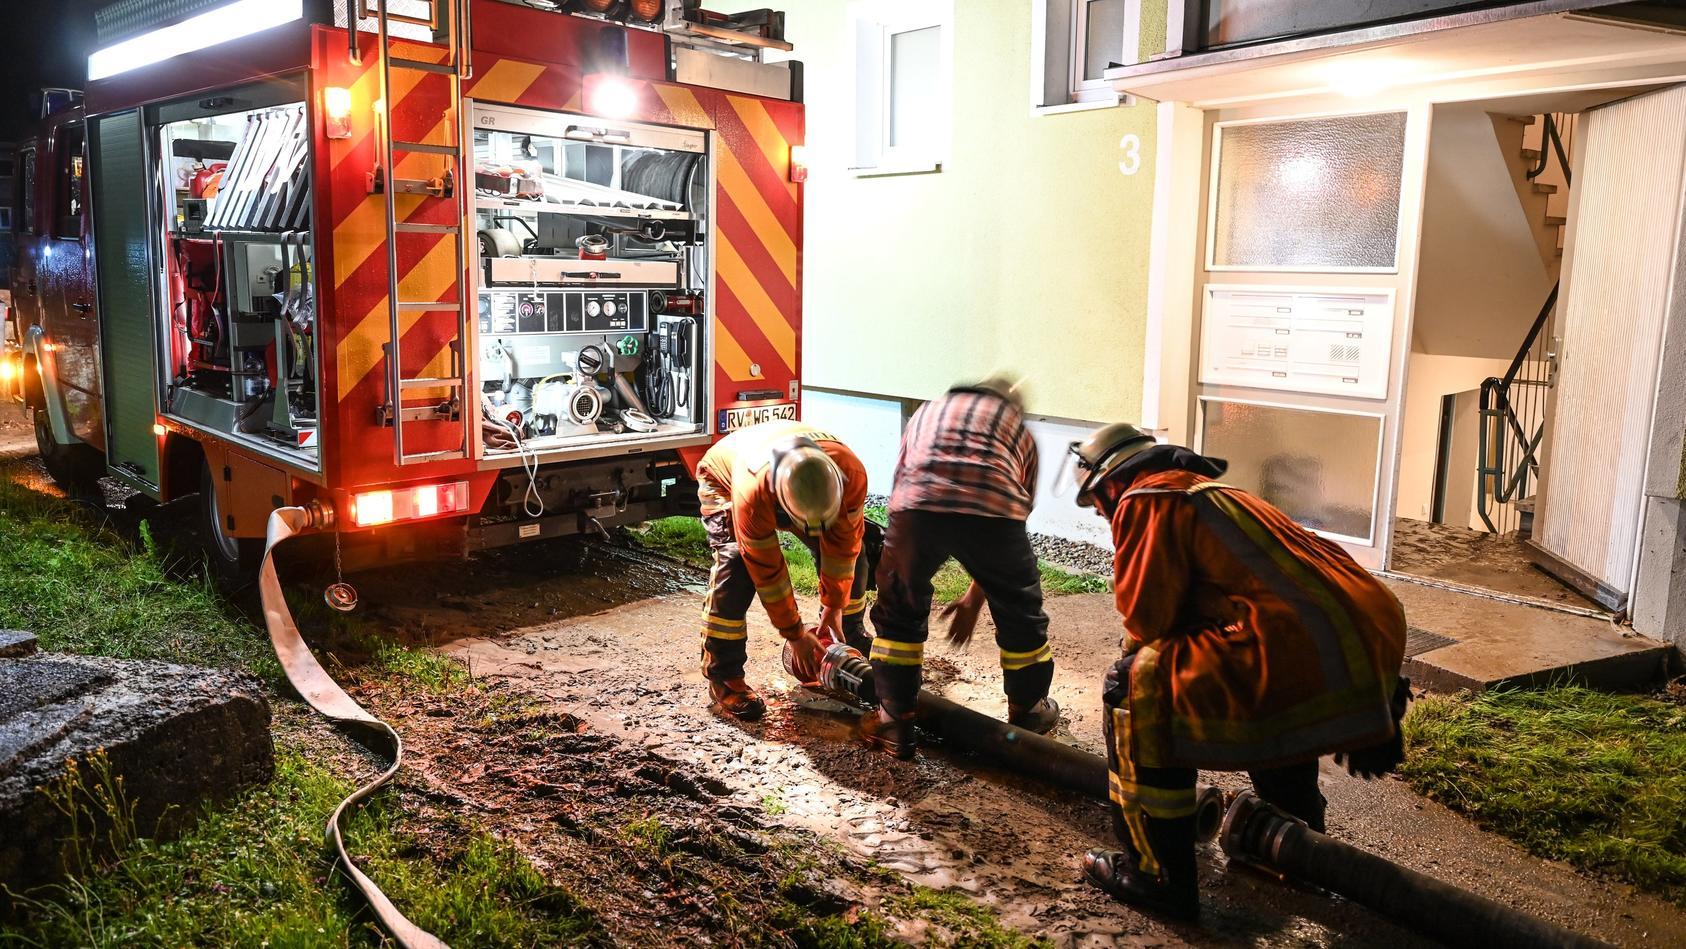 Feuerwehr im Einsatz (Motivbild aus Wangen im Allgäu)